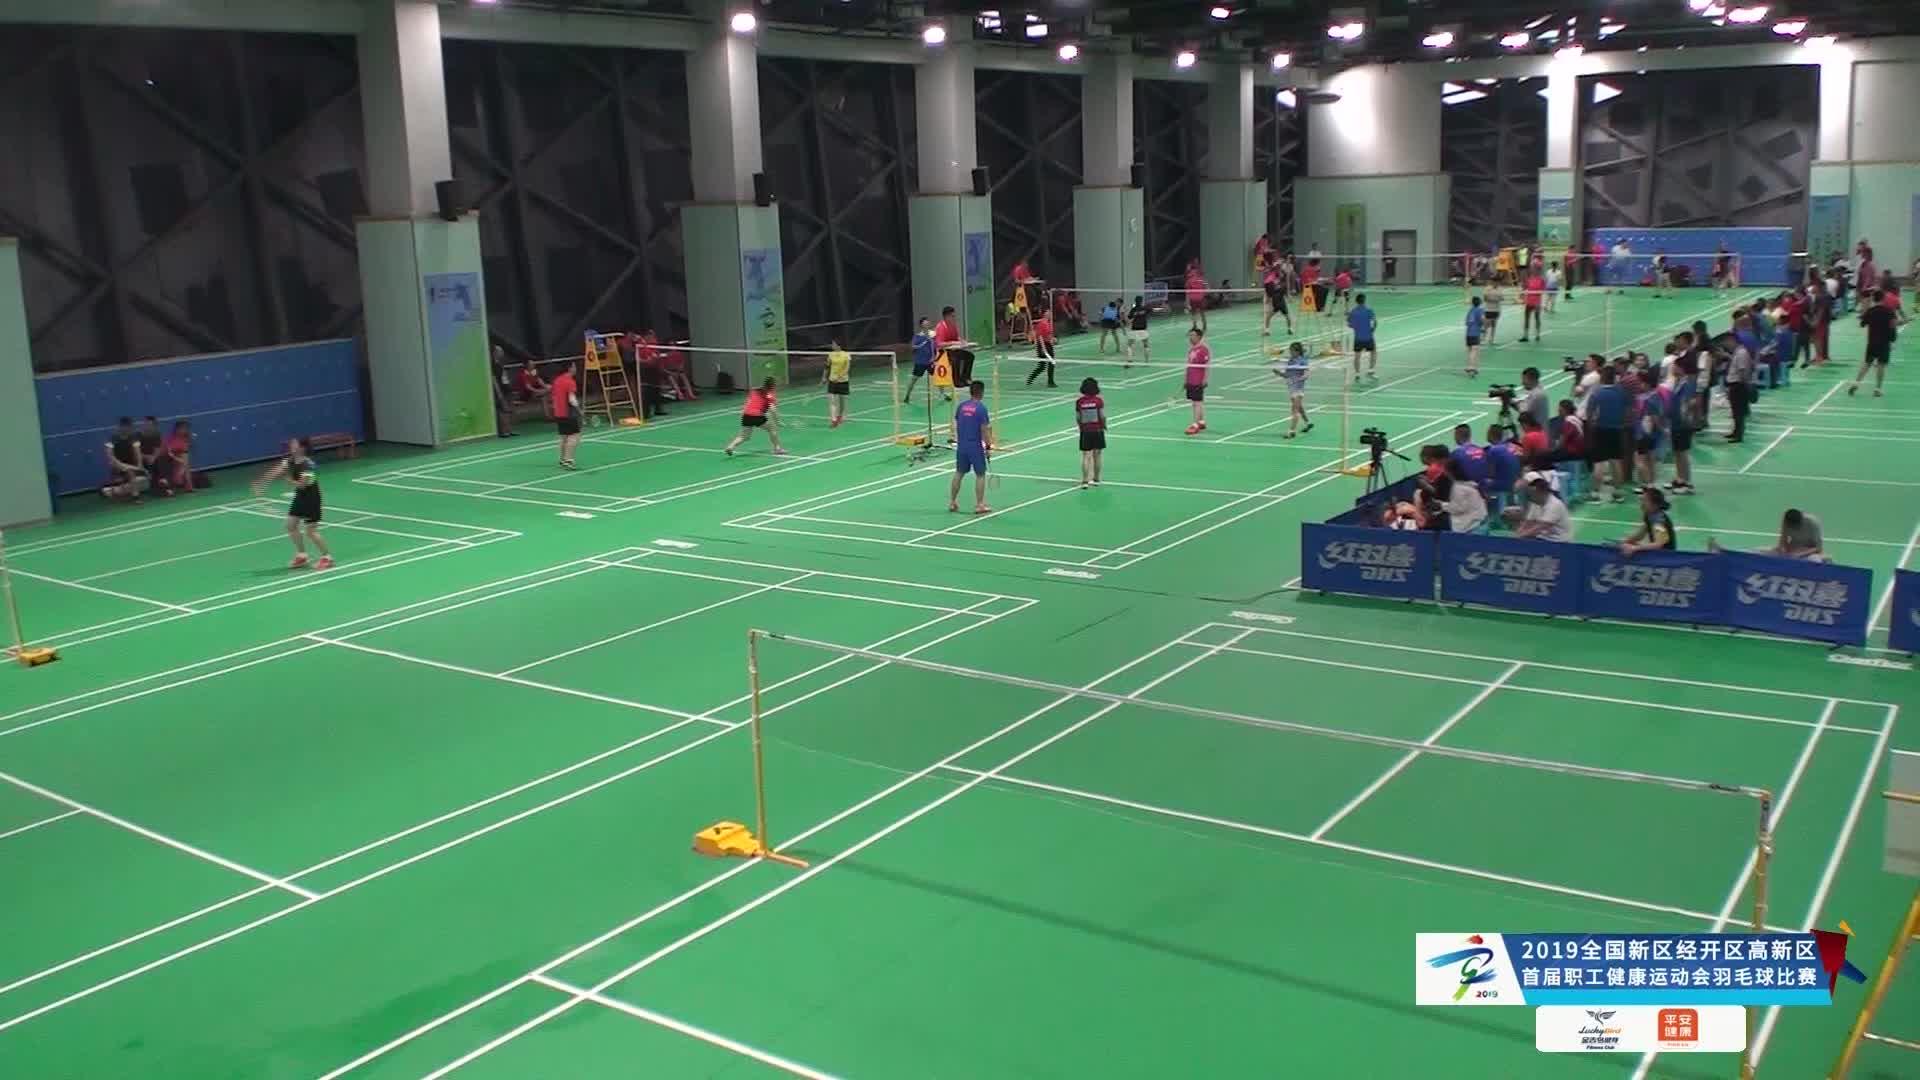 全国新区经开区高新区首届职工健康运动会羽毛球比赛3